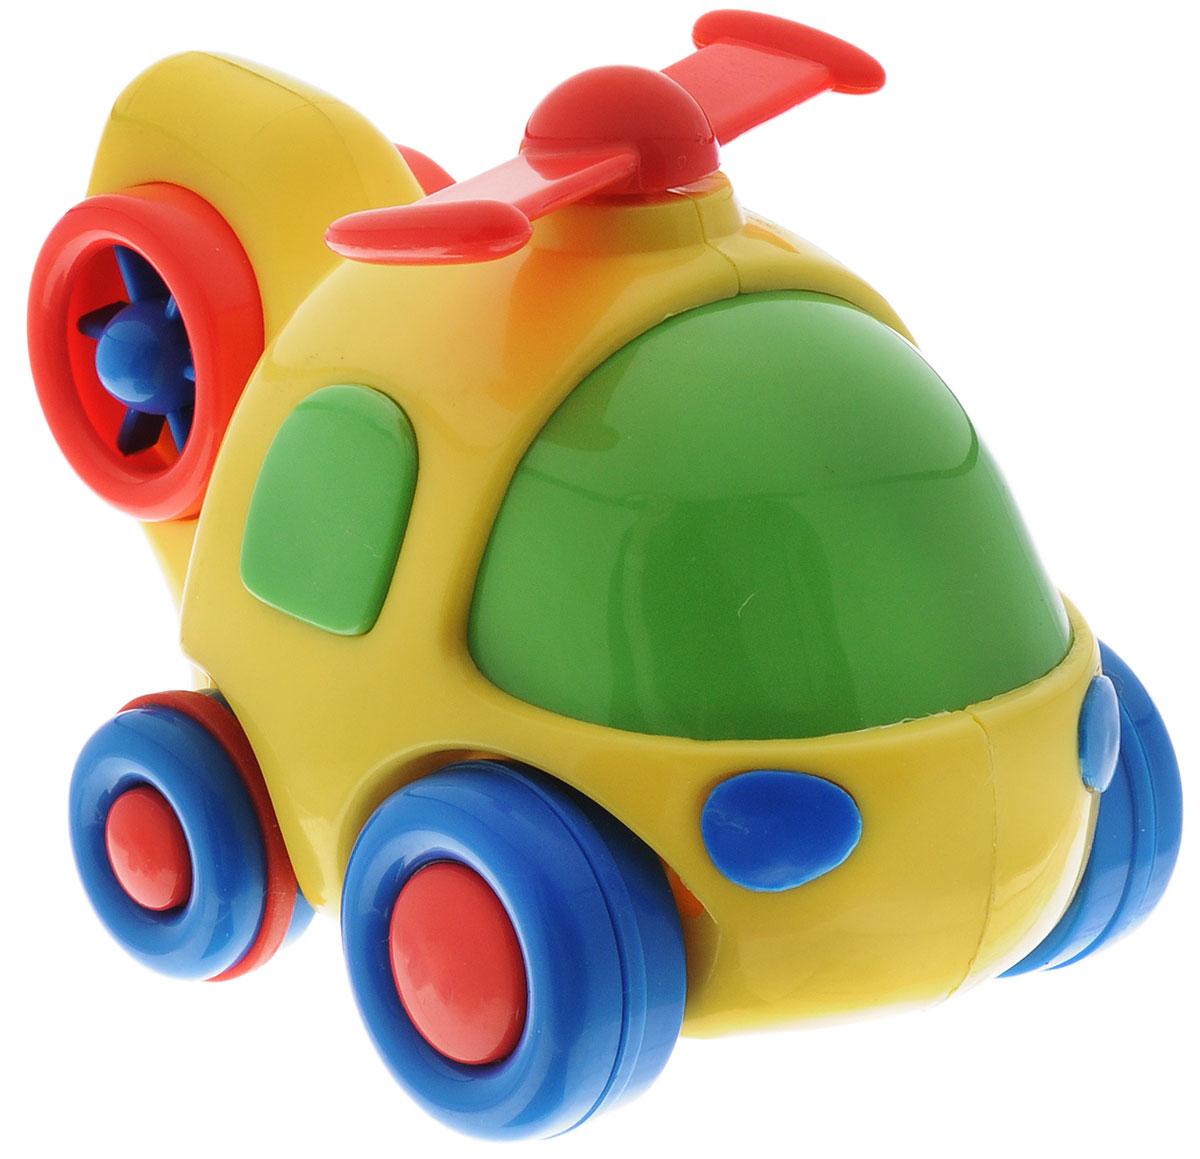 Simba Вертолет инерционный цвет желтый simba паровоз инерционный цвет желтый